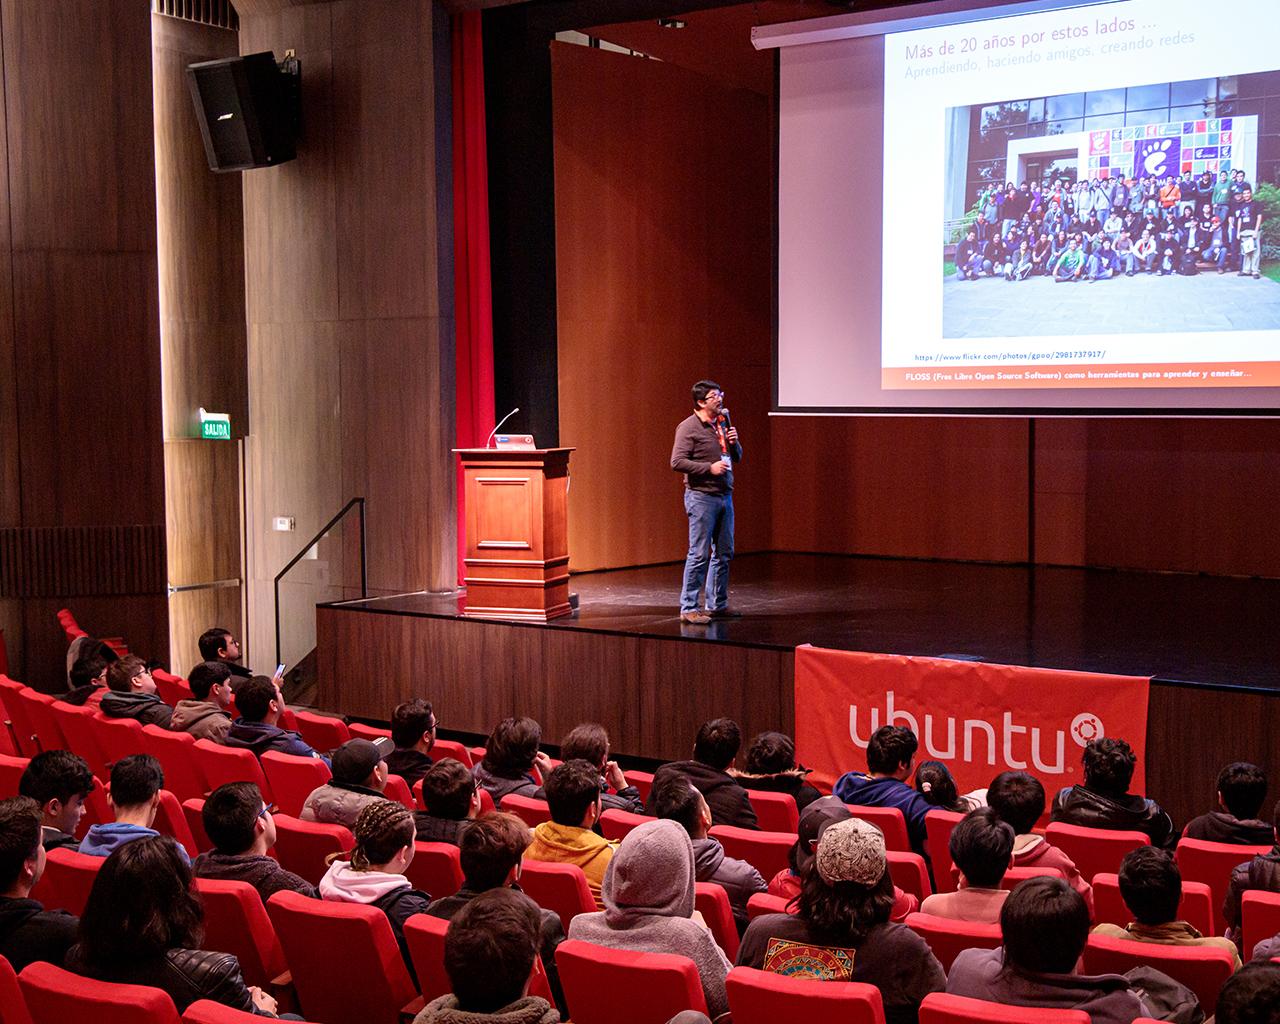 Encuentro de software libre en la UTalca: importancia de herramientas de calidad y gratuitas para toda la comunidad